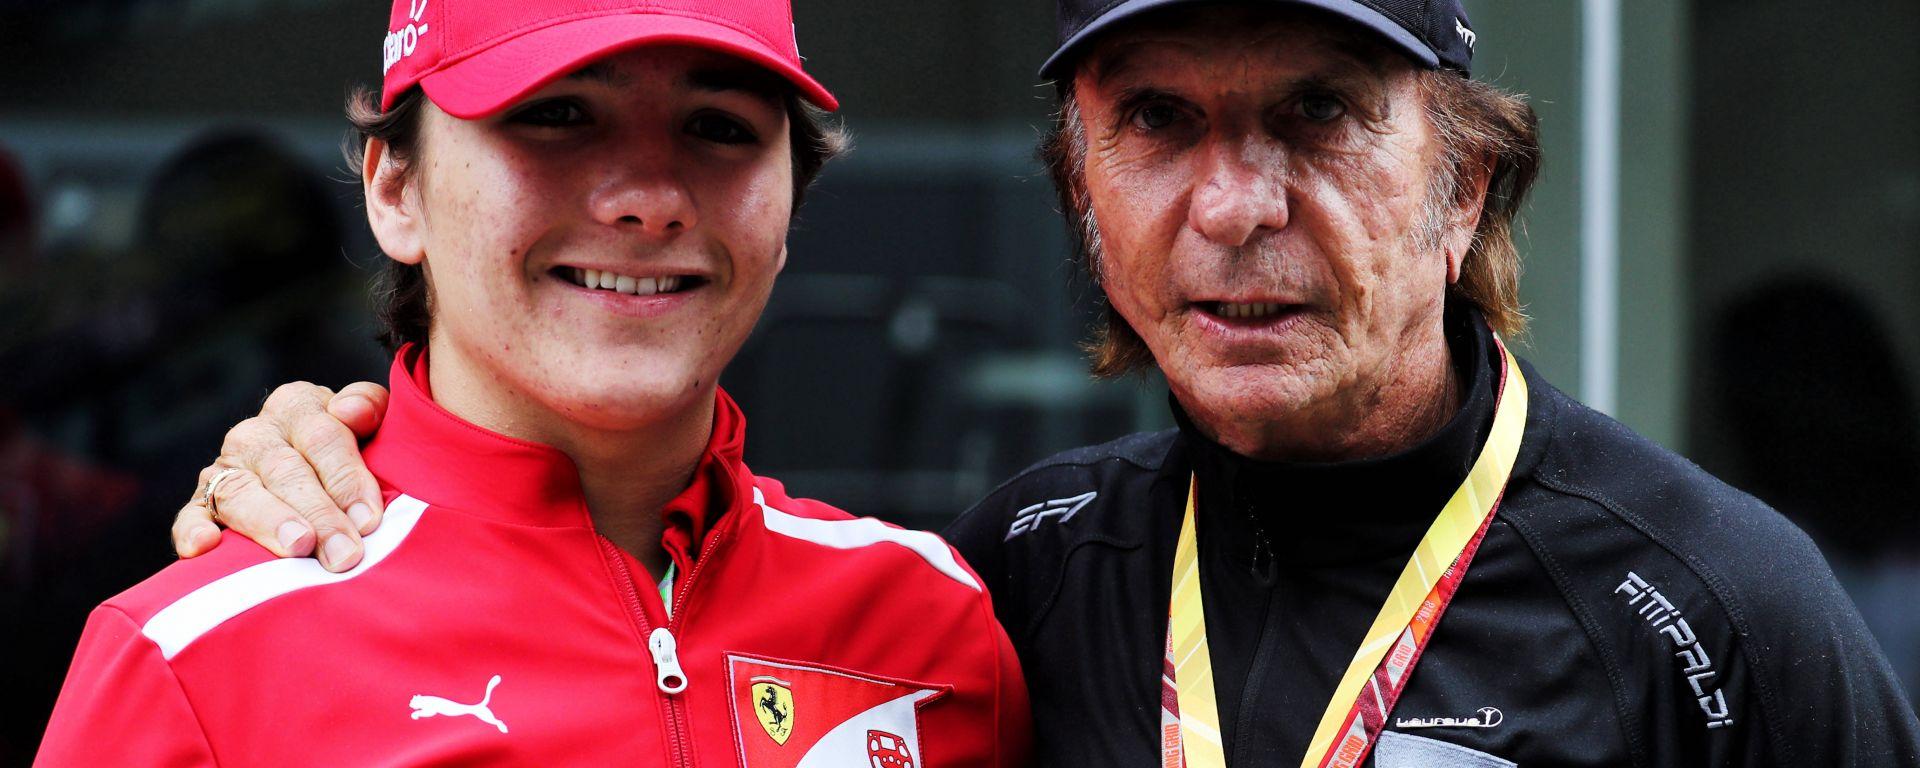 Enzo Fittipaldi con il nonno Emerson